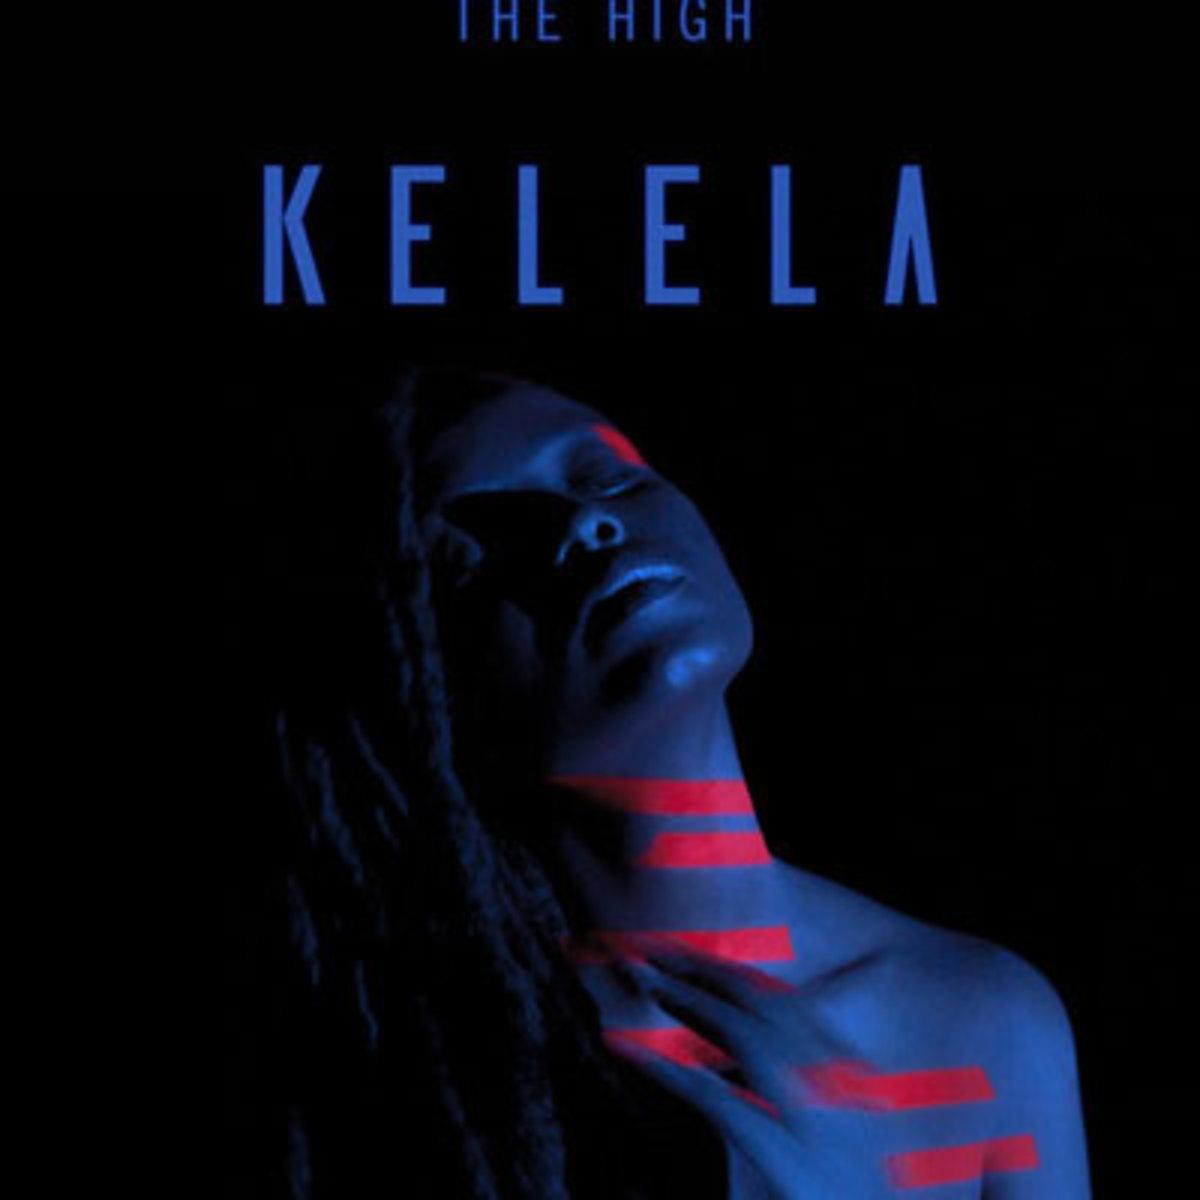 kelela-thathigh.jpg